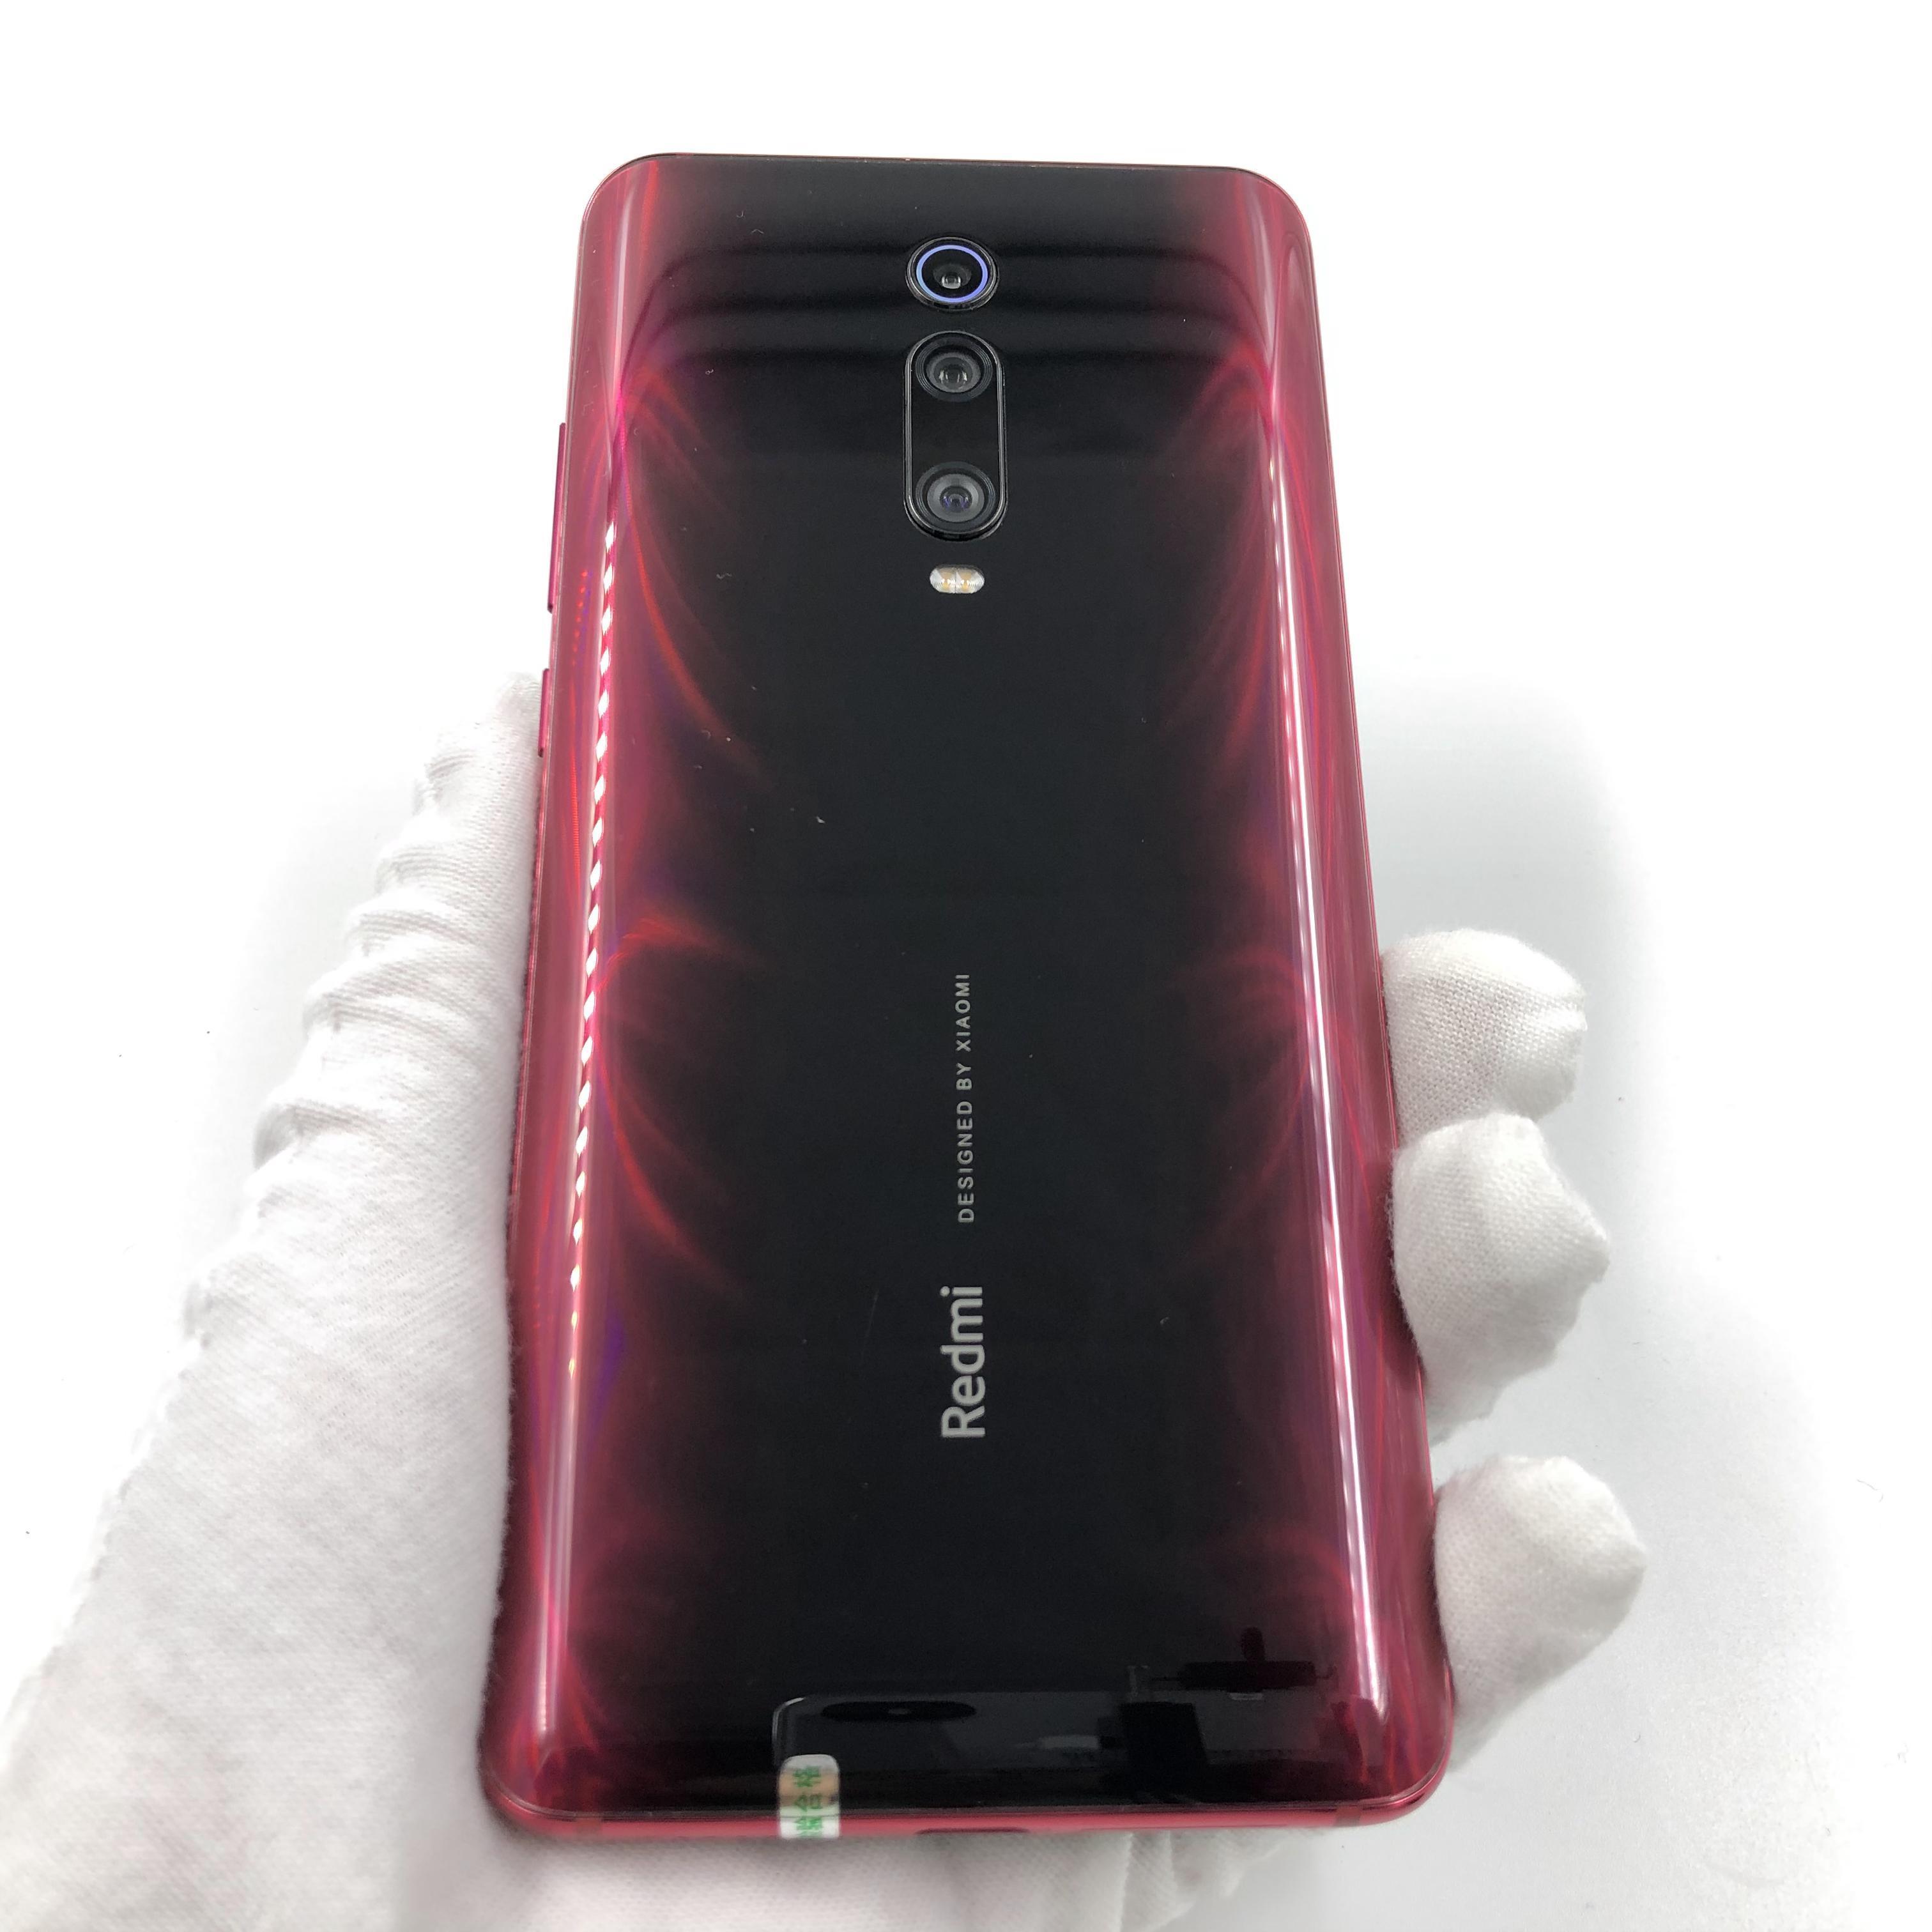 小米【Redmi K20 Pro】4G全网通 红色 6G/128G 国行 9成新 真机实拍